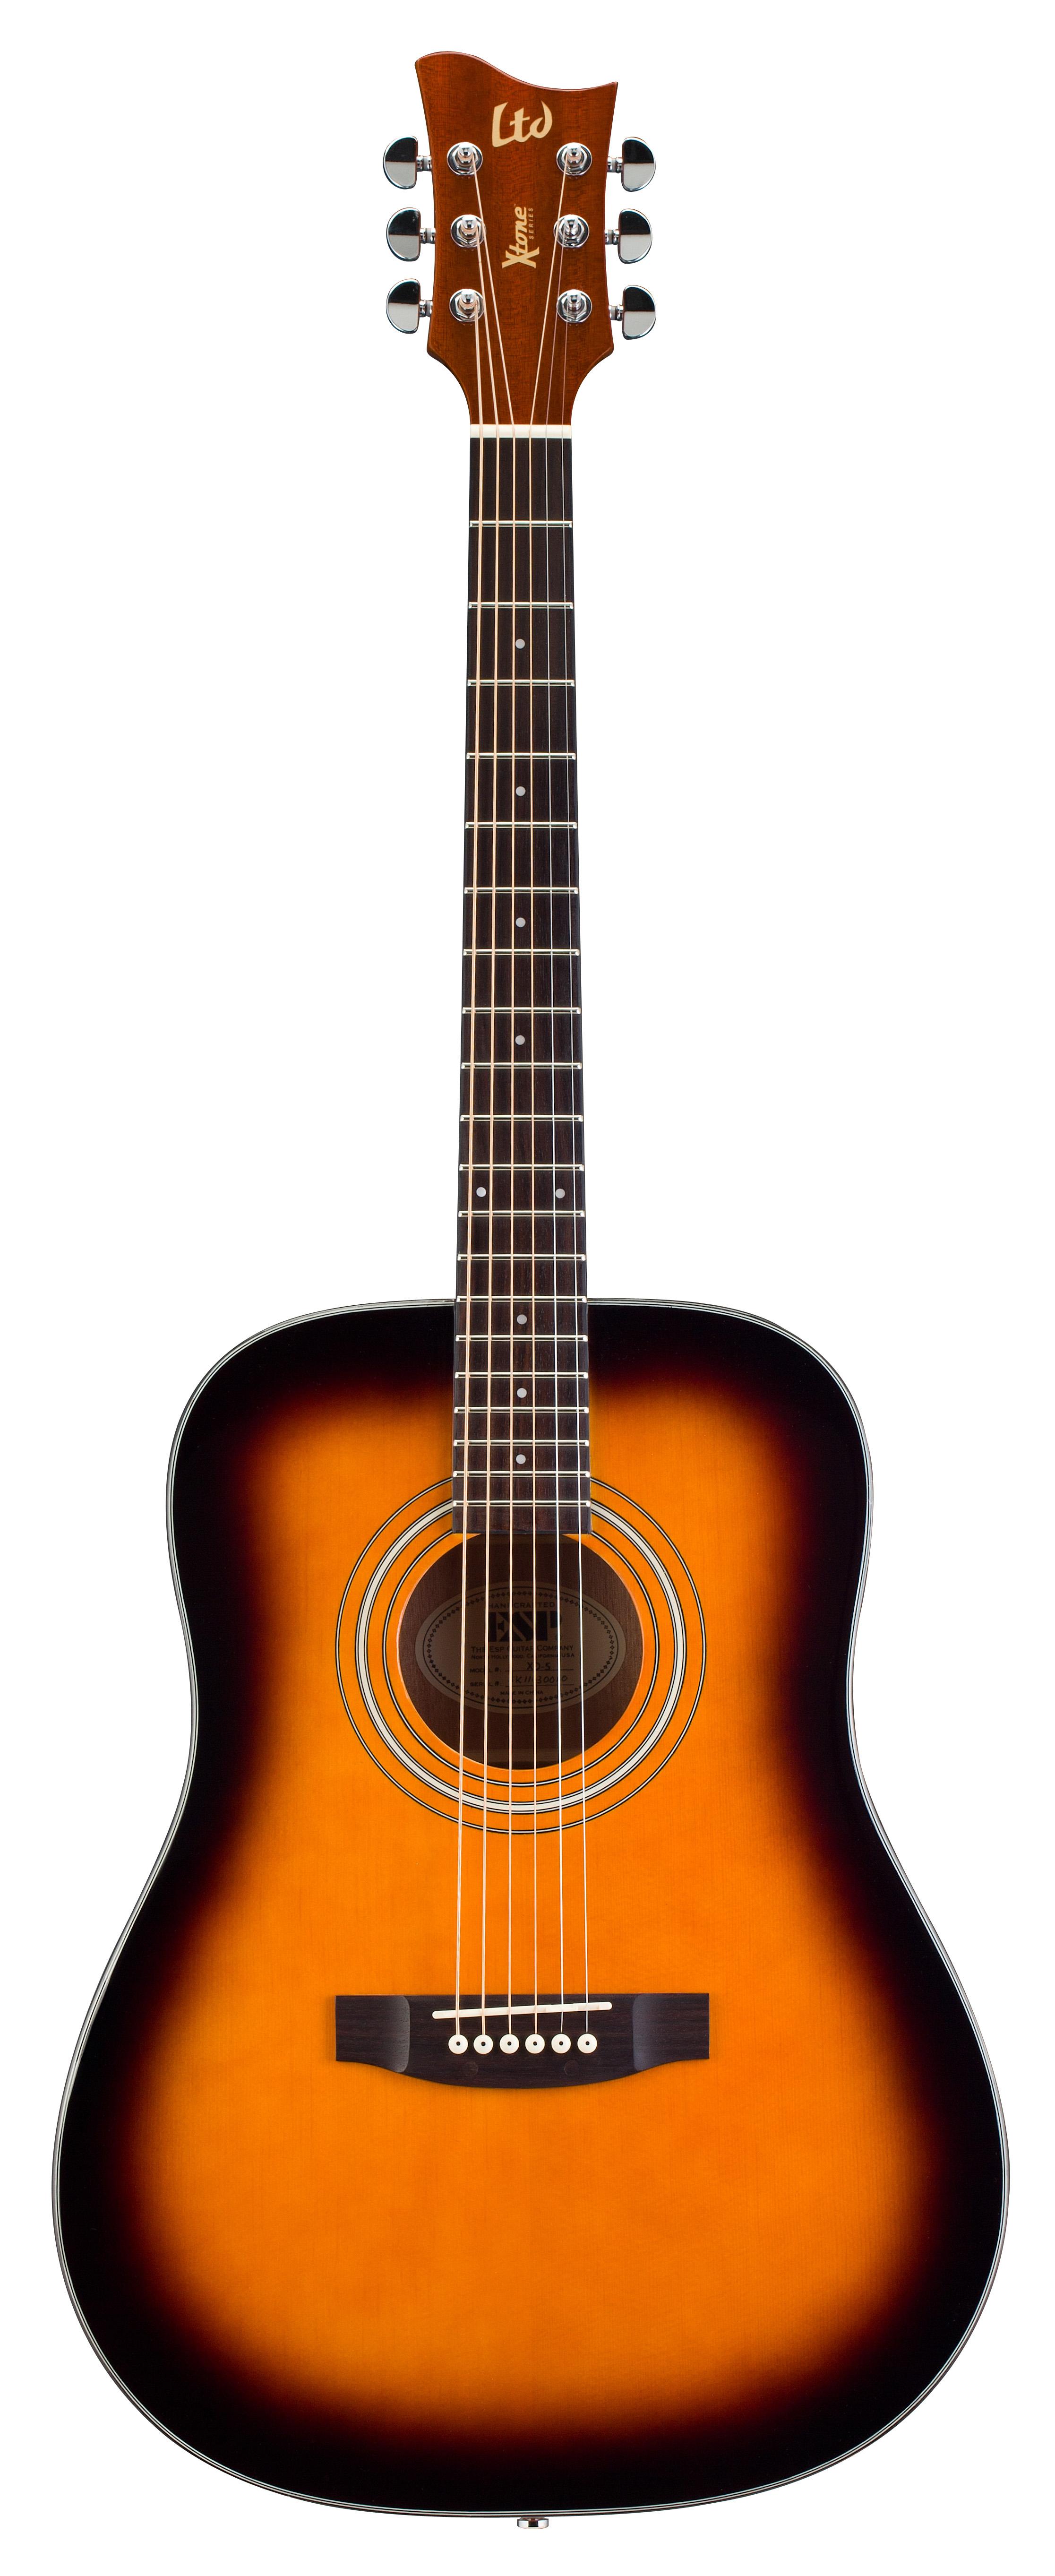 D5 guitar